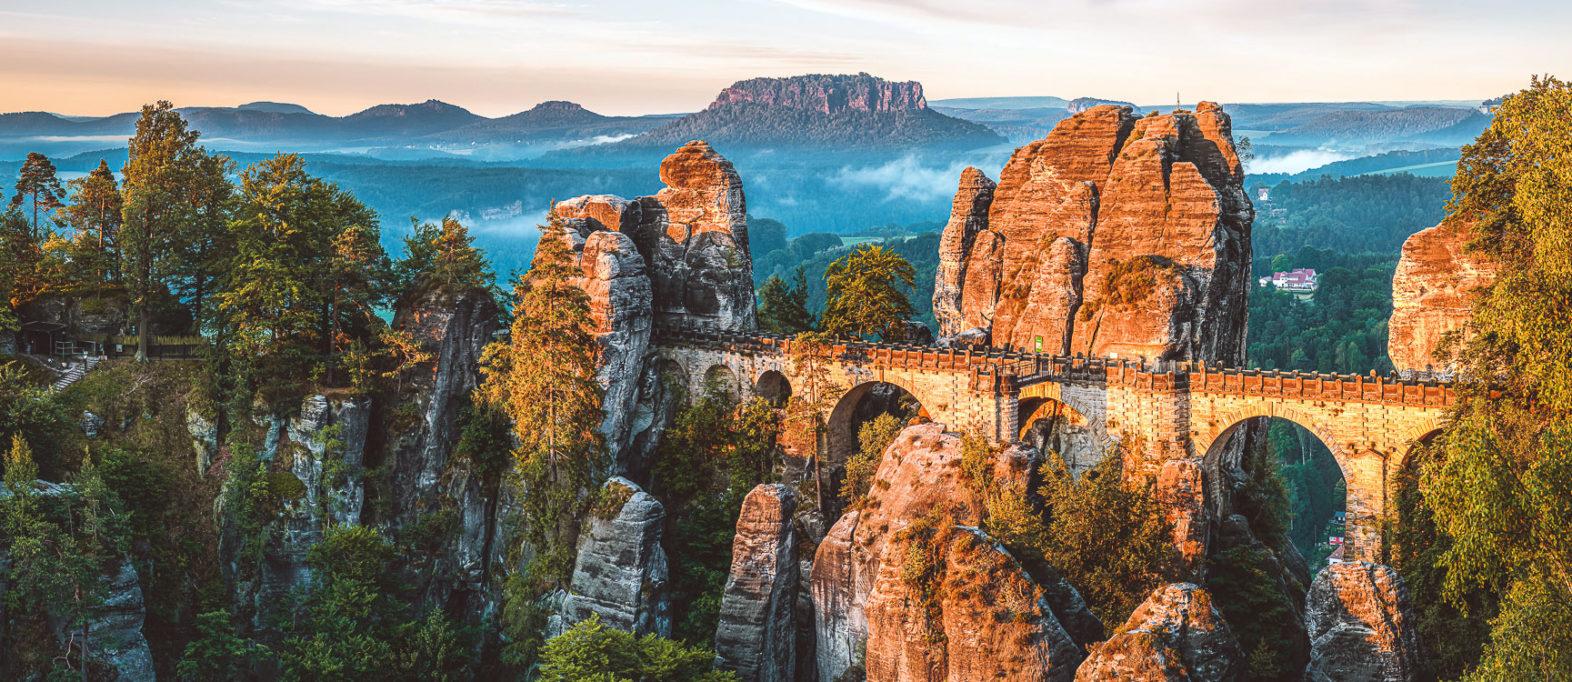 Sachsen: Die schönsten Orte und besten Reisetipps